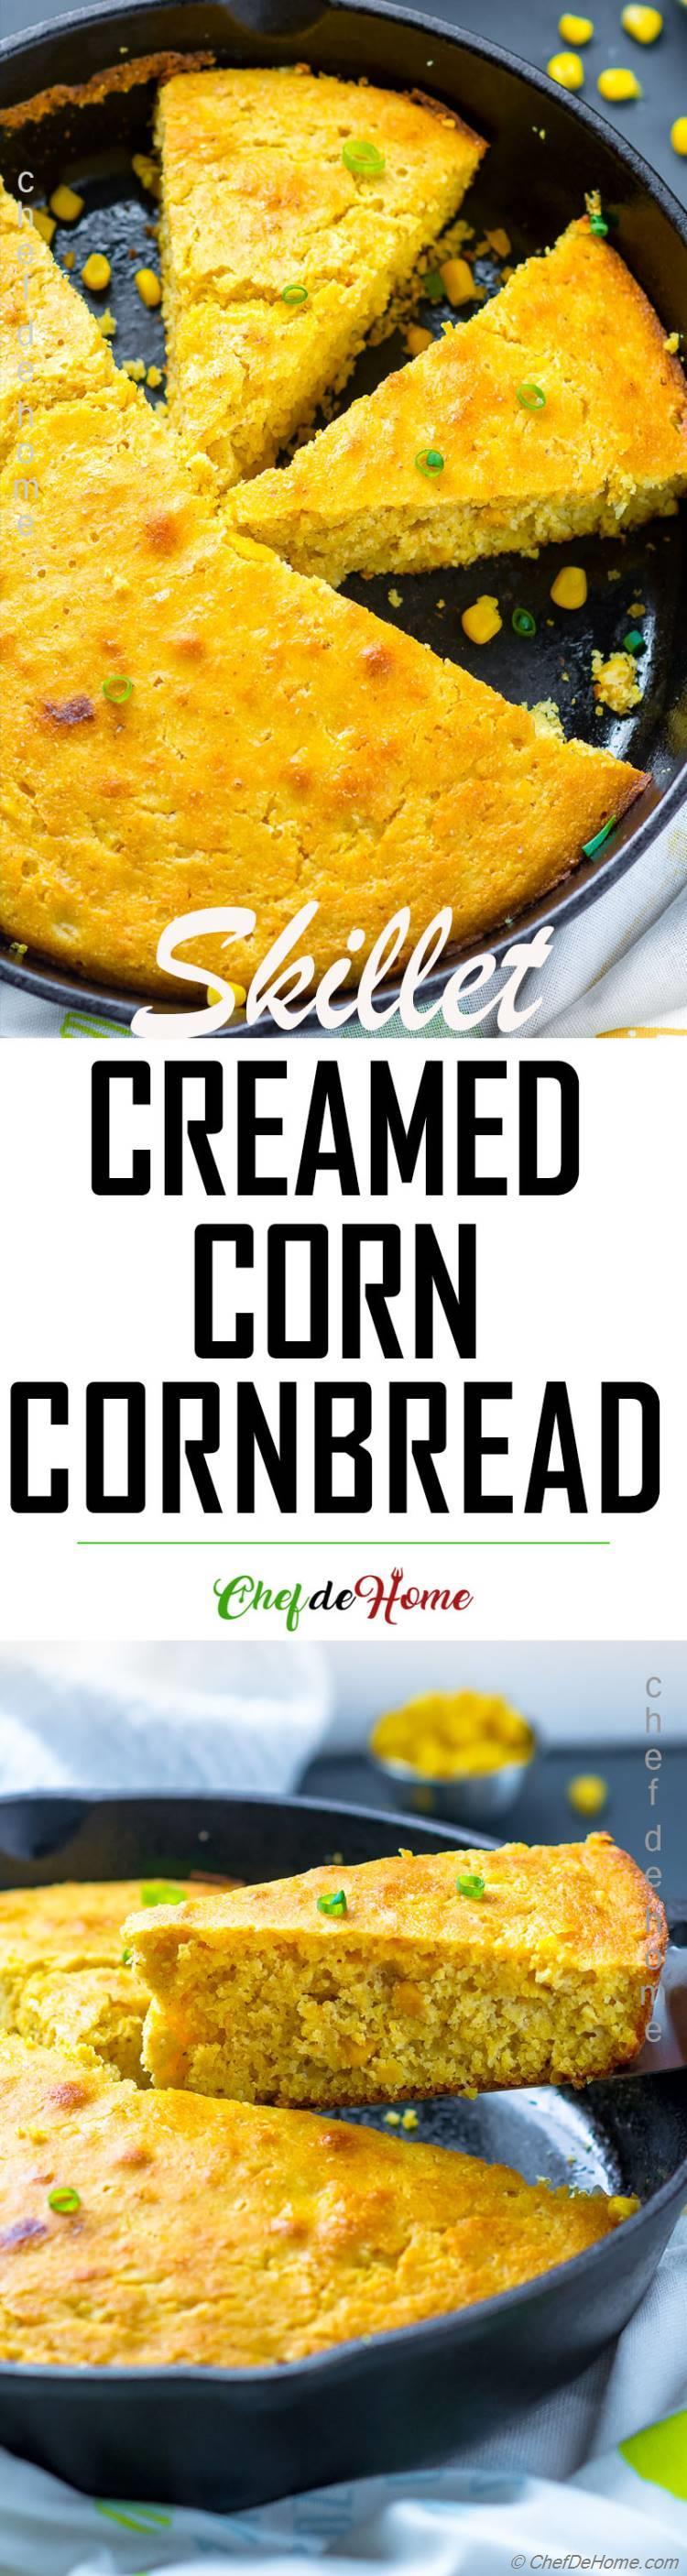 cornbread baked in iron skillet